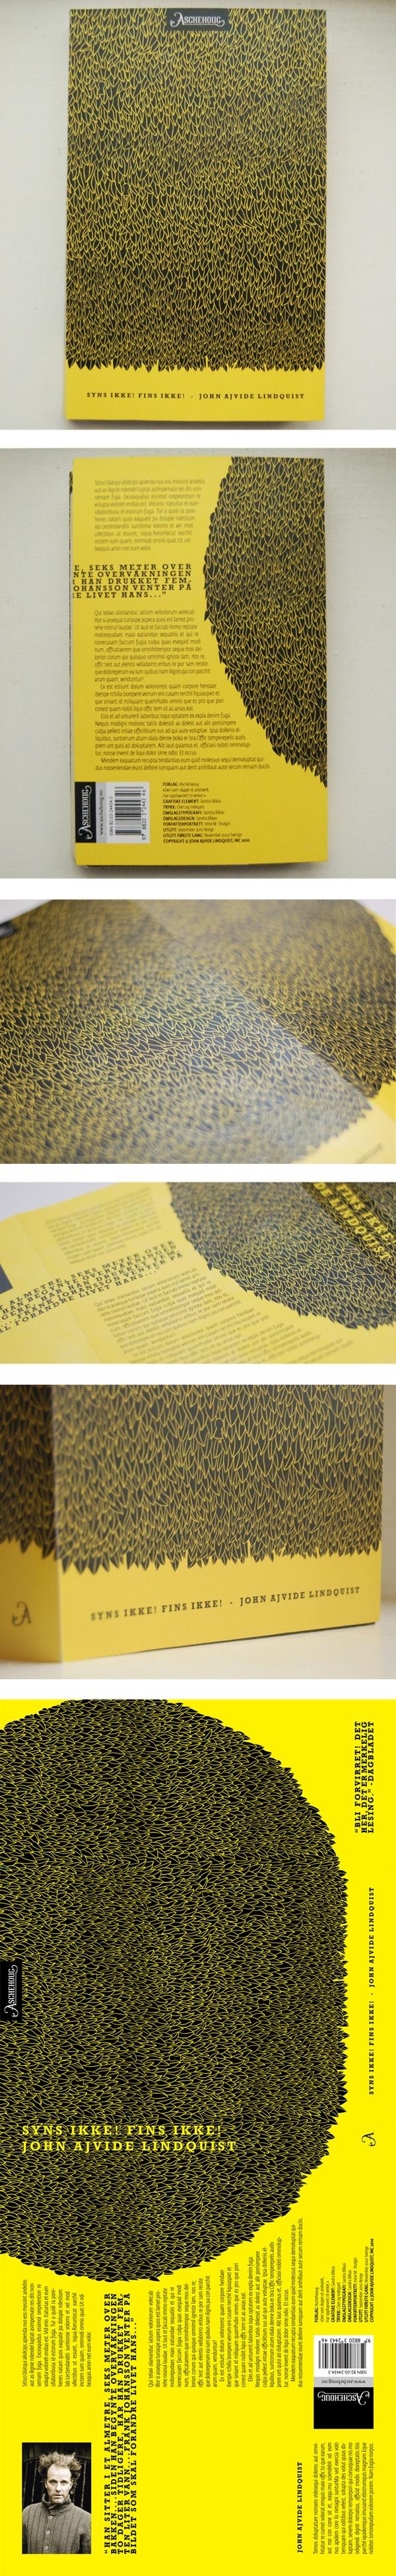 """""""Syns ikke, fins ikke"""" book cover by Sandra Blikås, via Behance"""